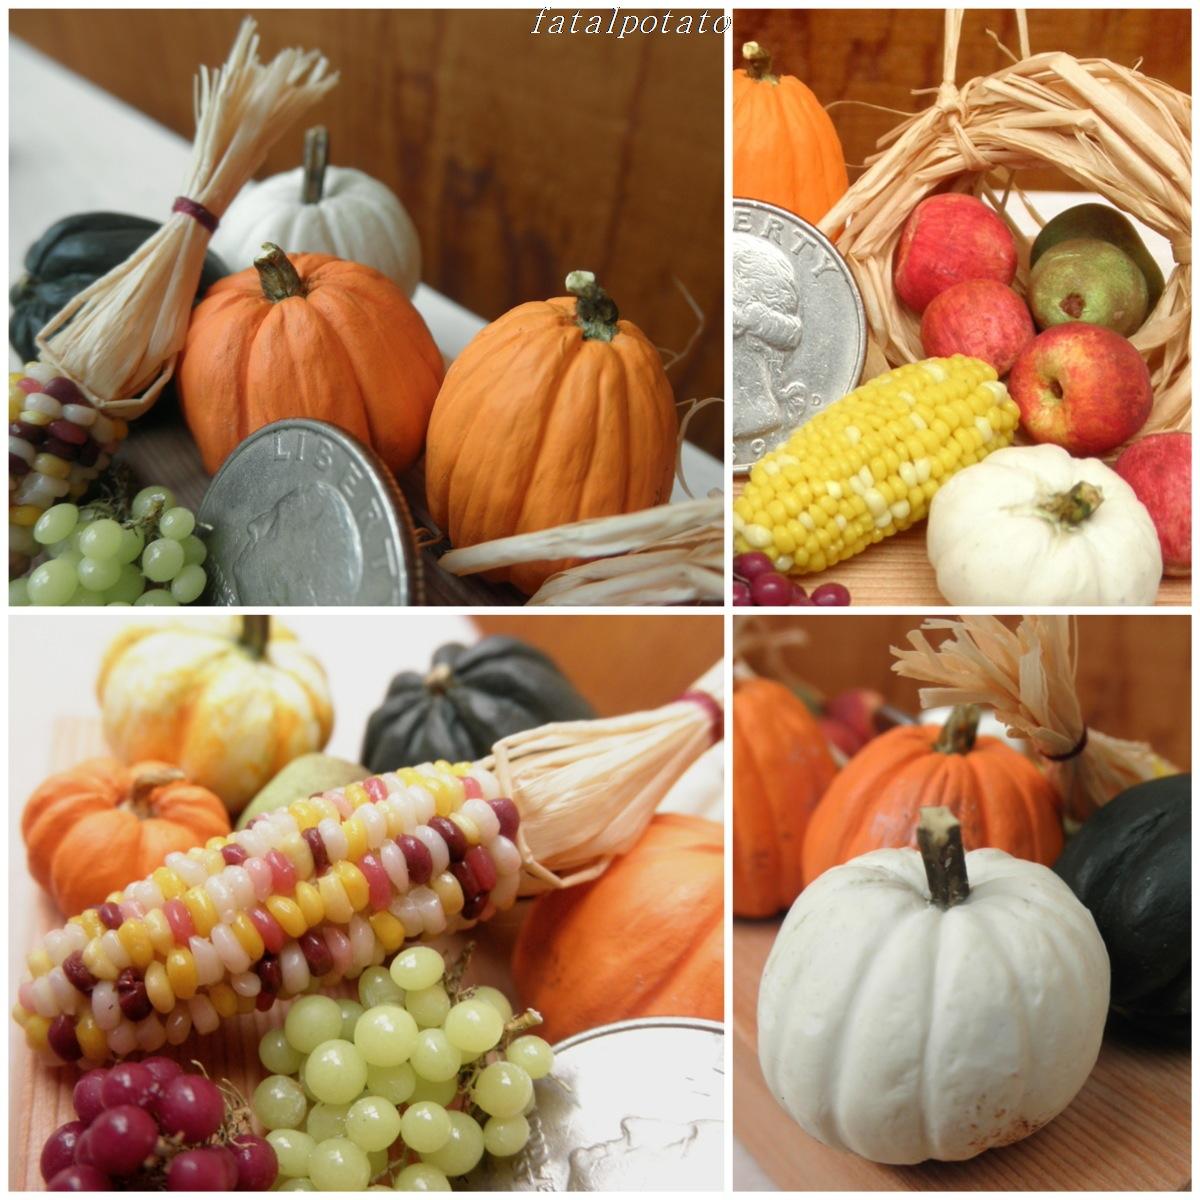 hortalizas y frutas de temporada